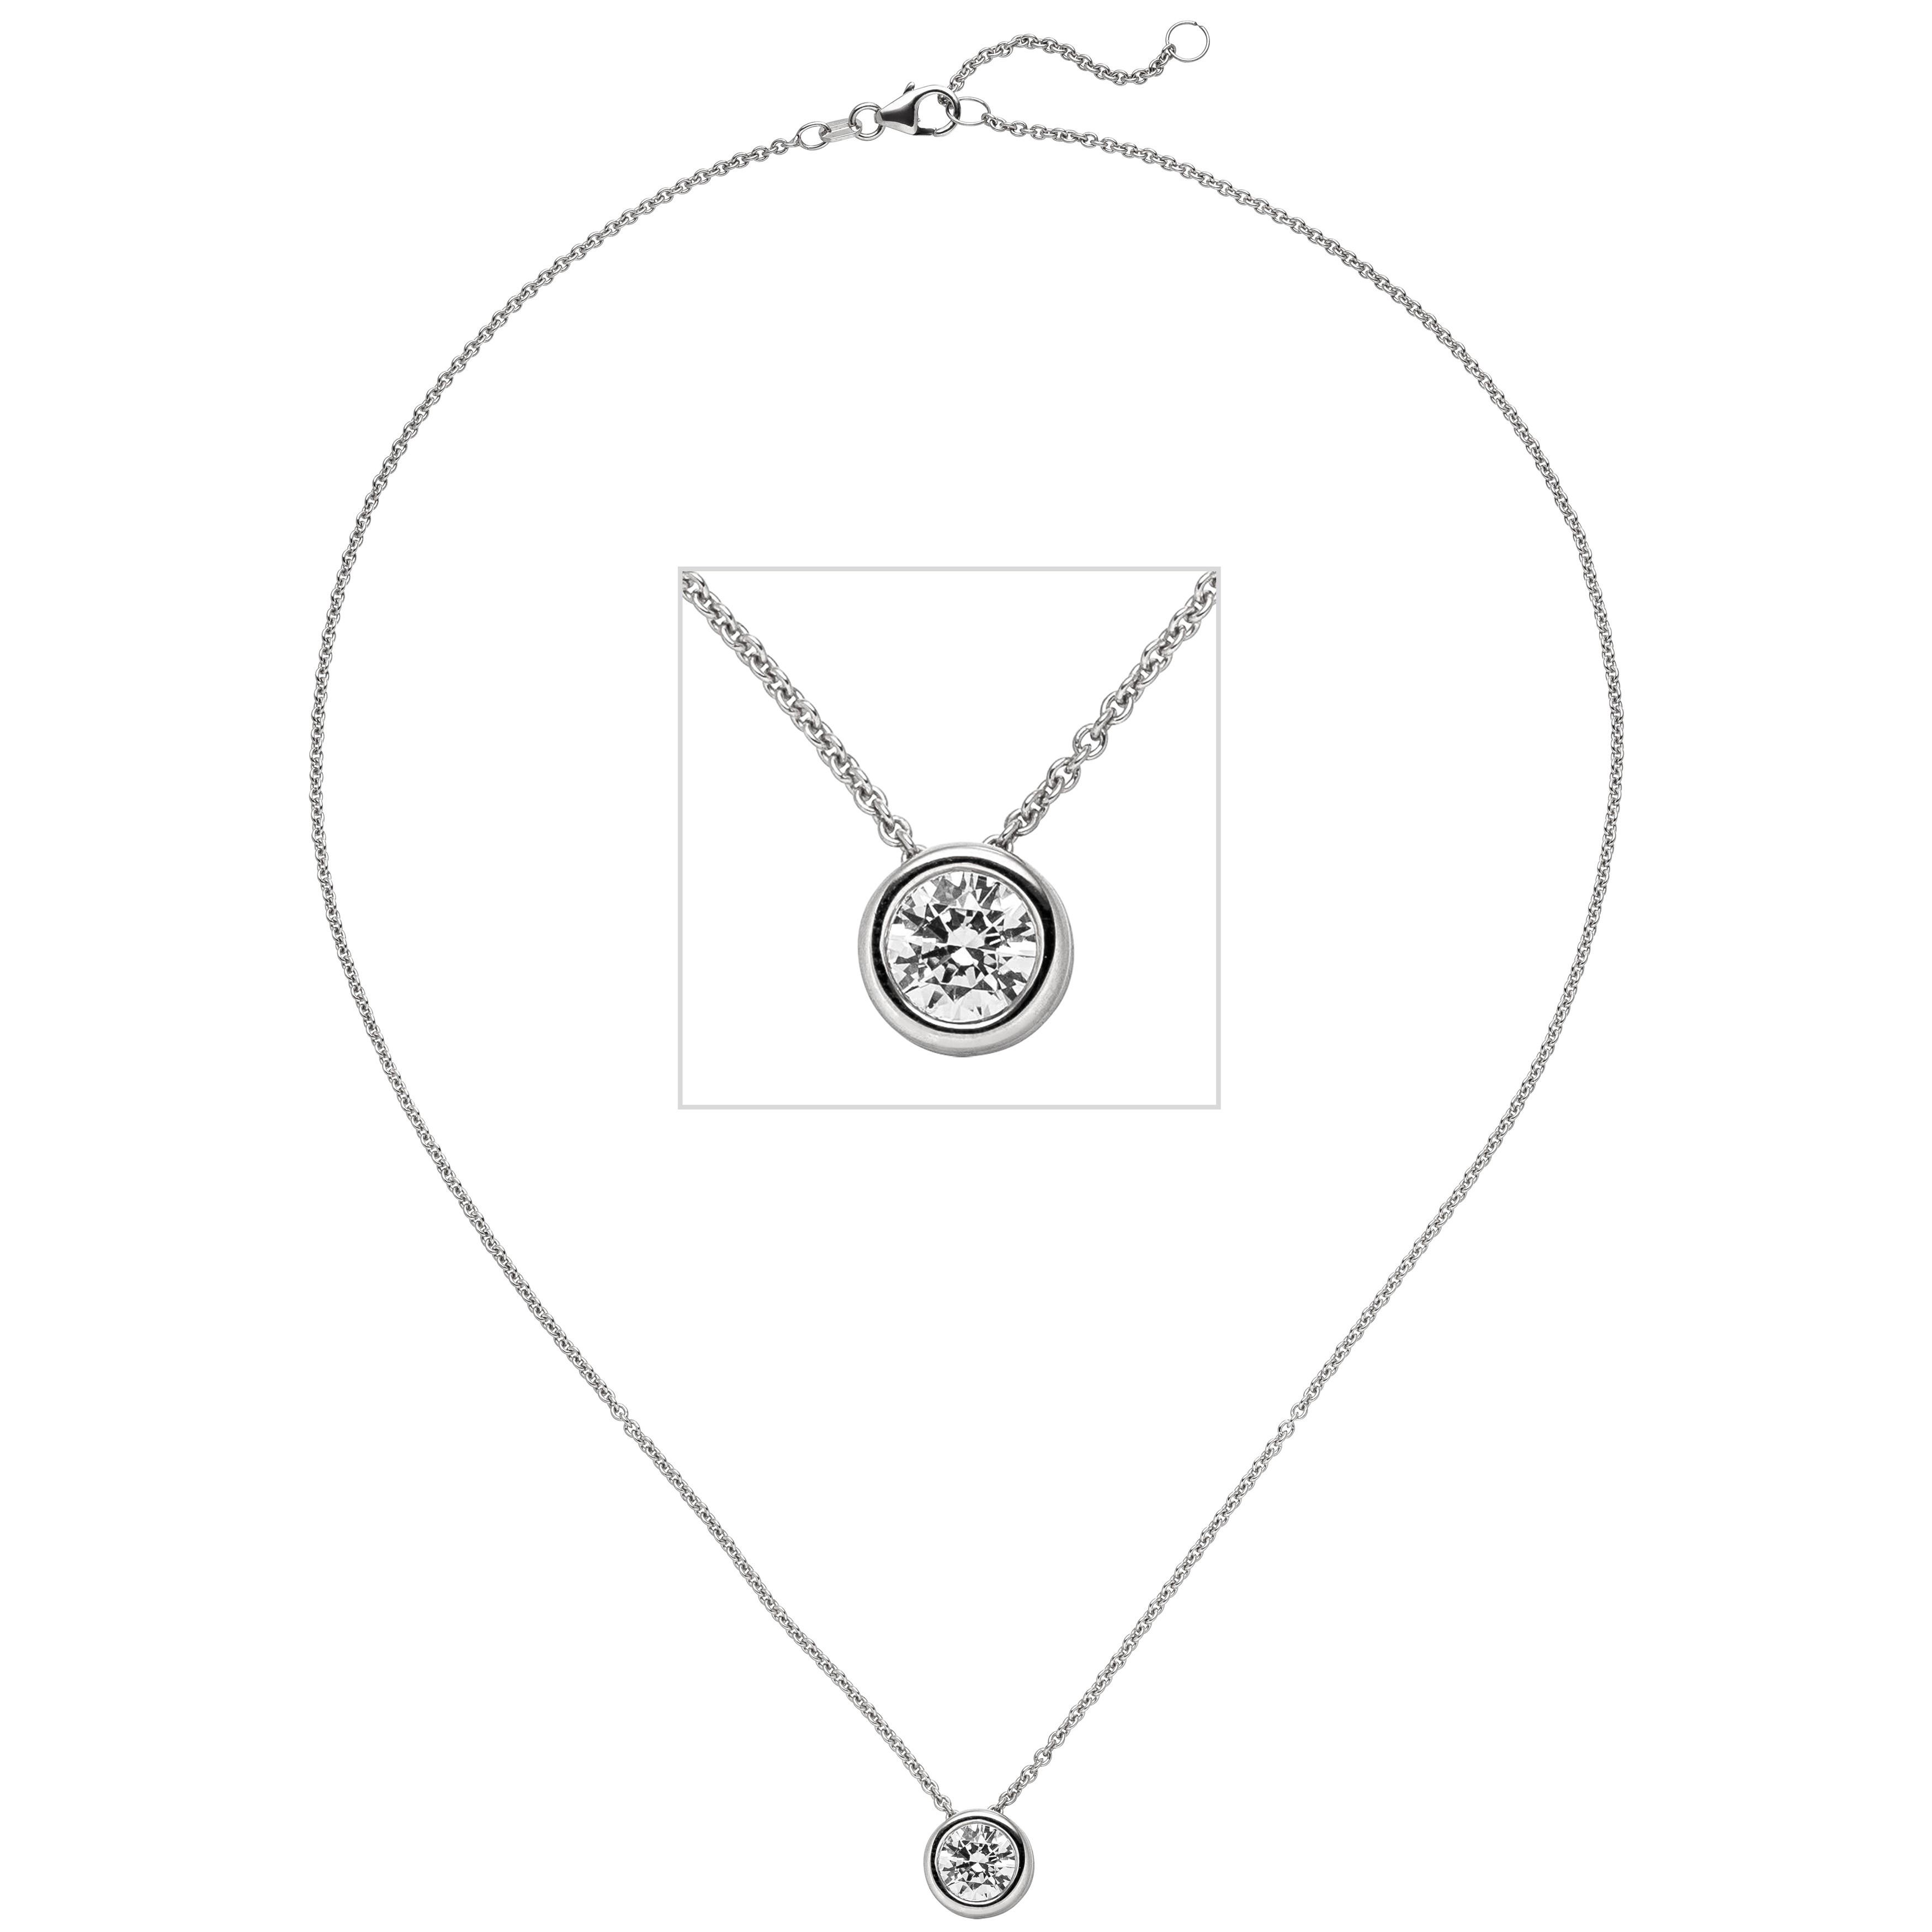 Colllier Kette mit Anhänger 585 Weißgold 1 Diamant Brillant 1,0 ct. 45cm